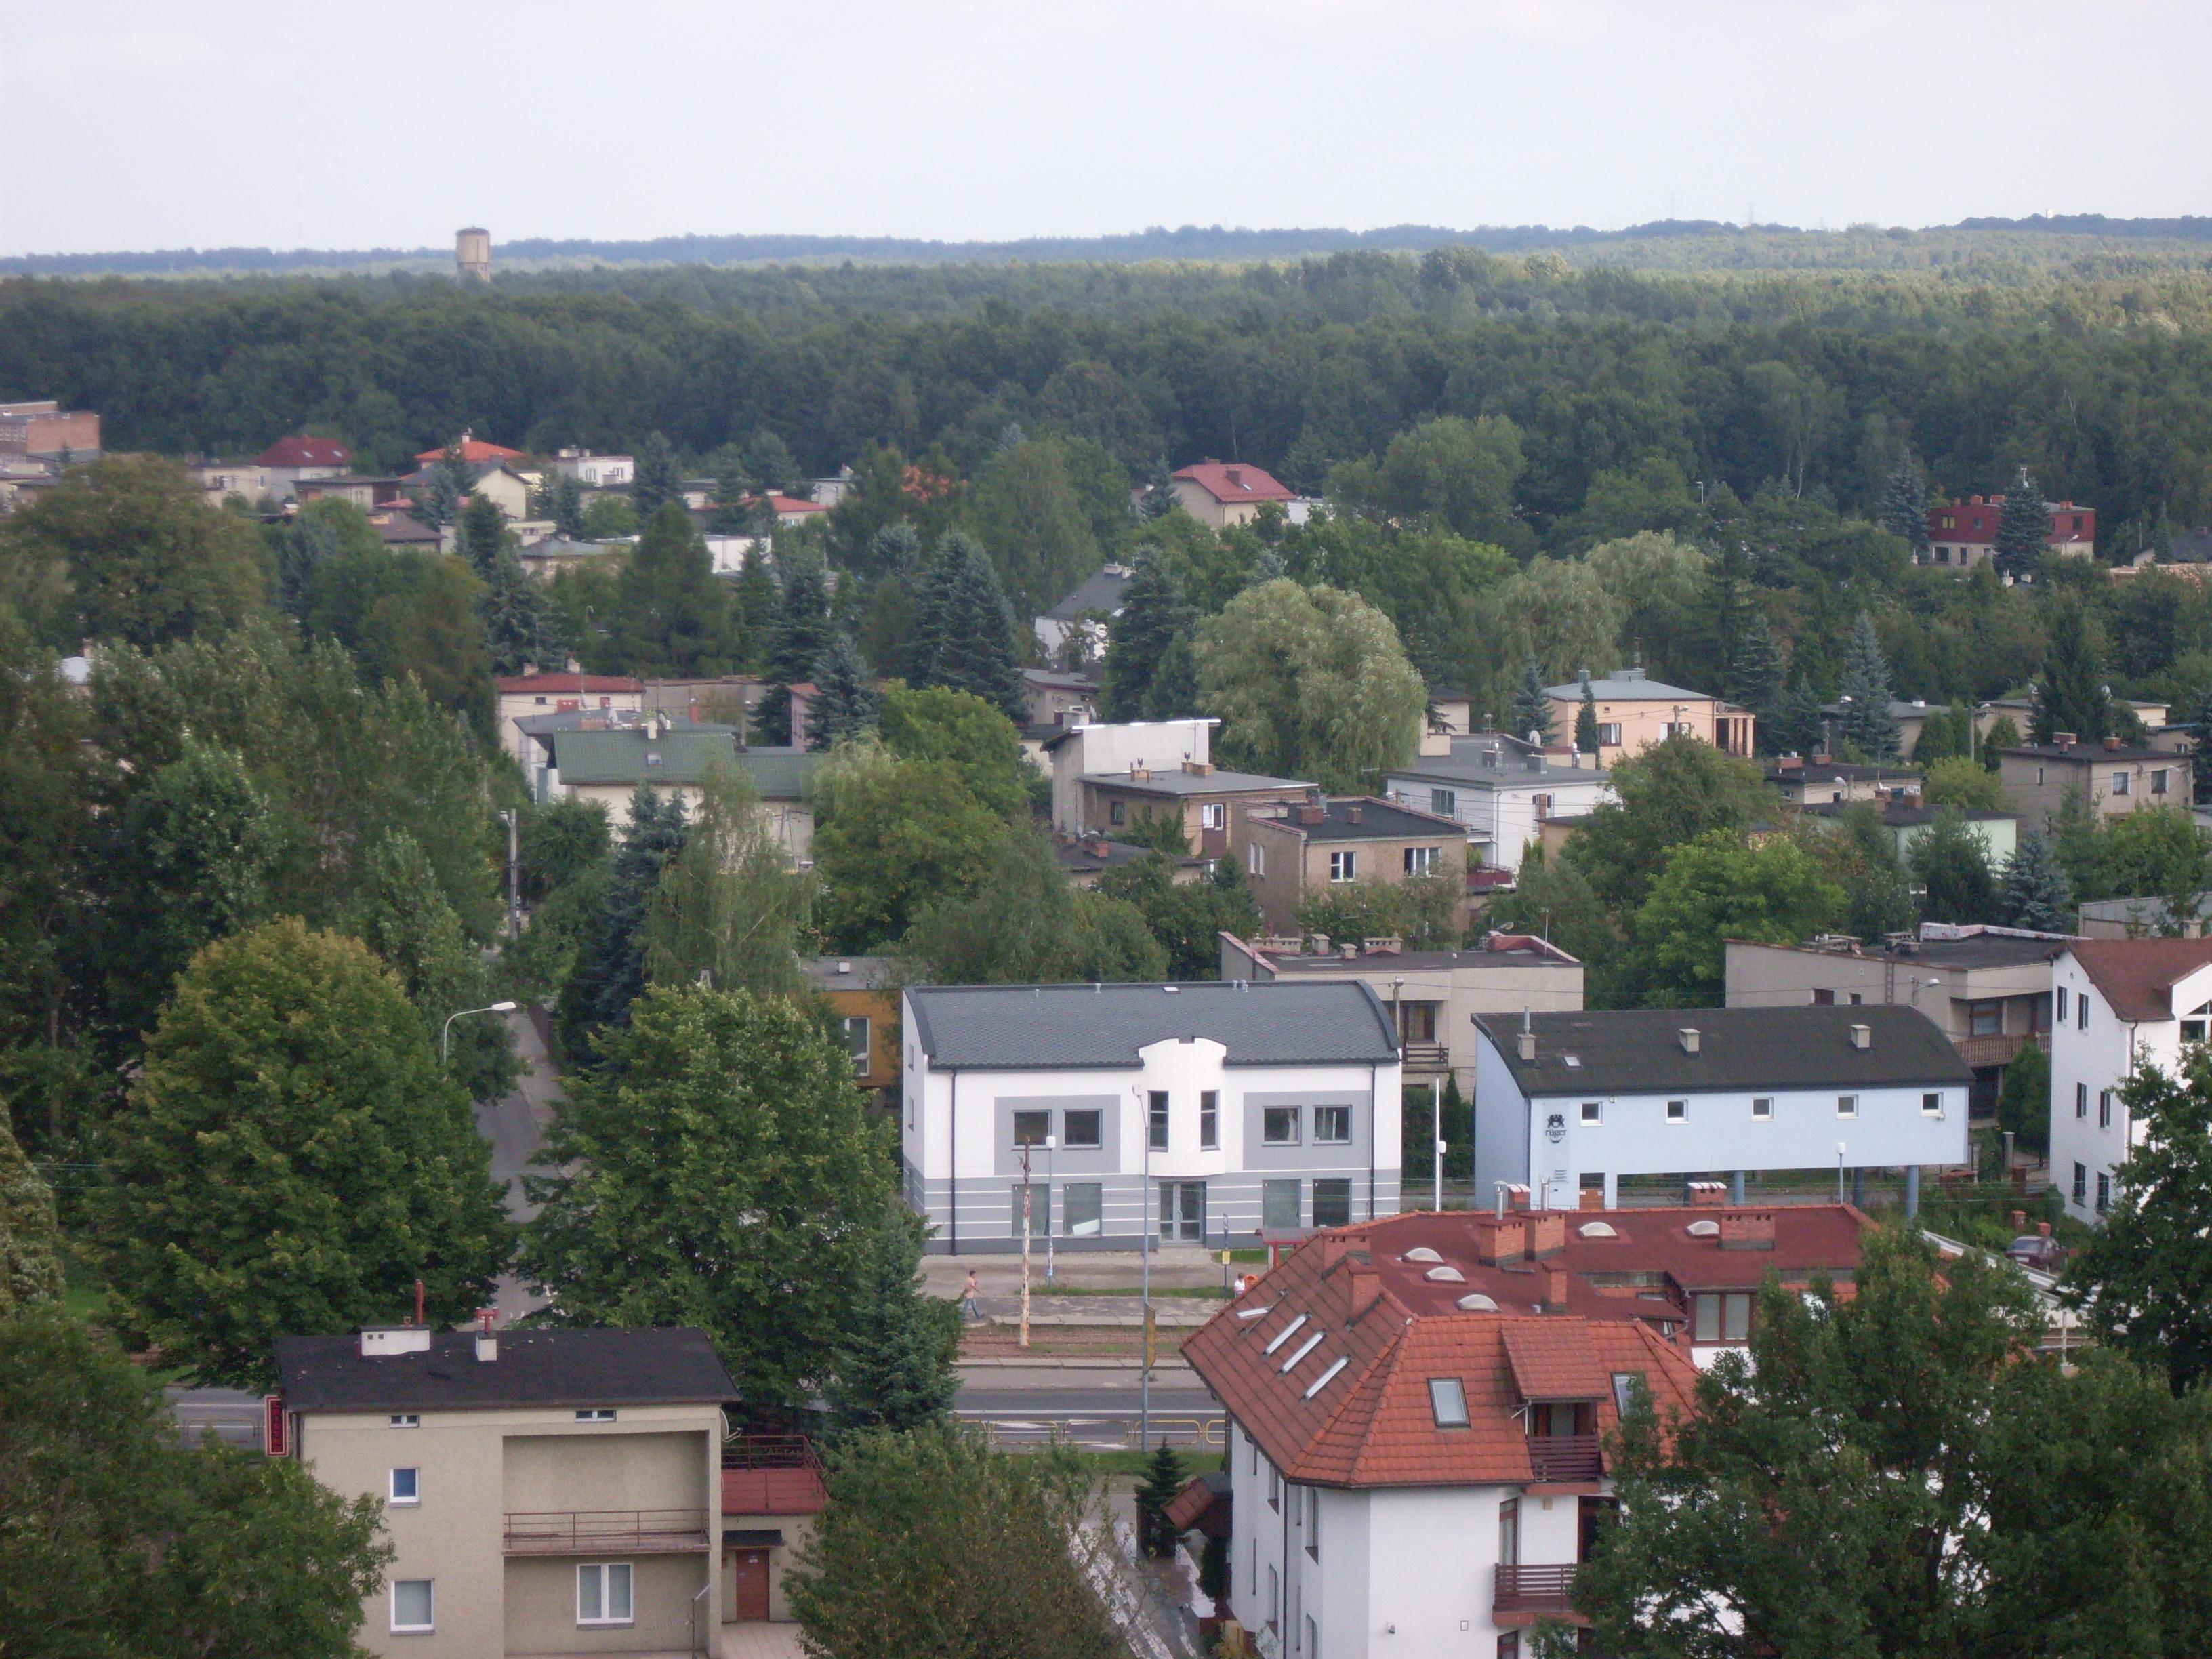 Brynów Osiedle Zgrzebnioka Wikipedia Wolna Encyklopedia